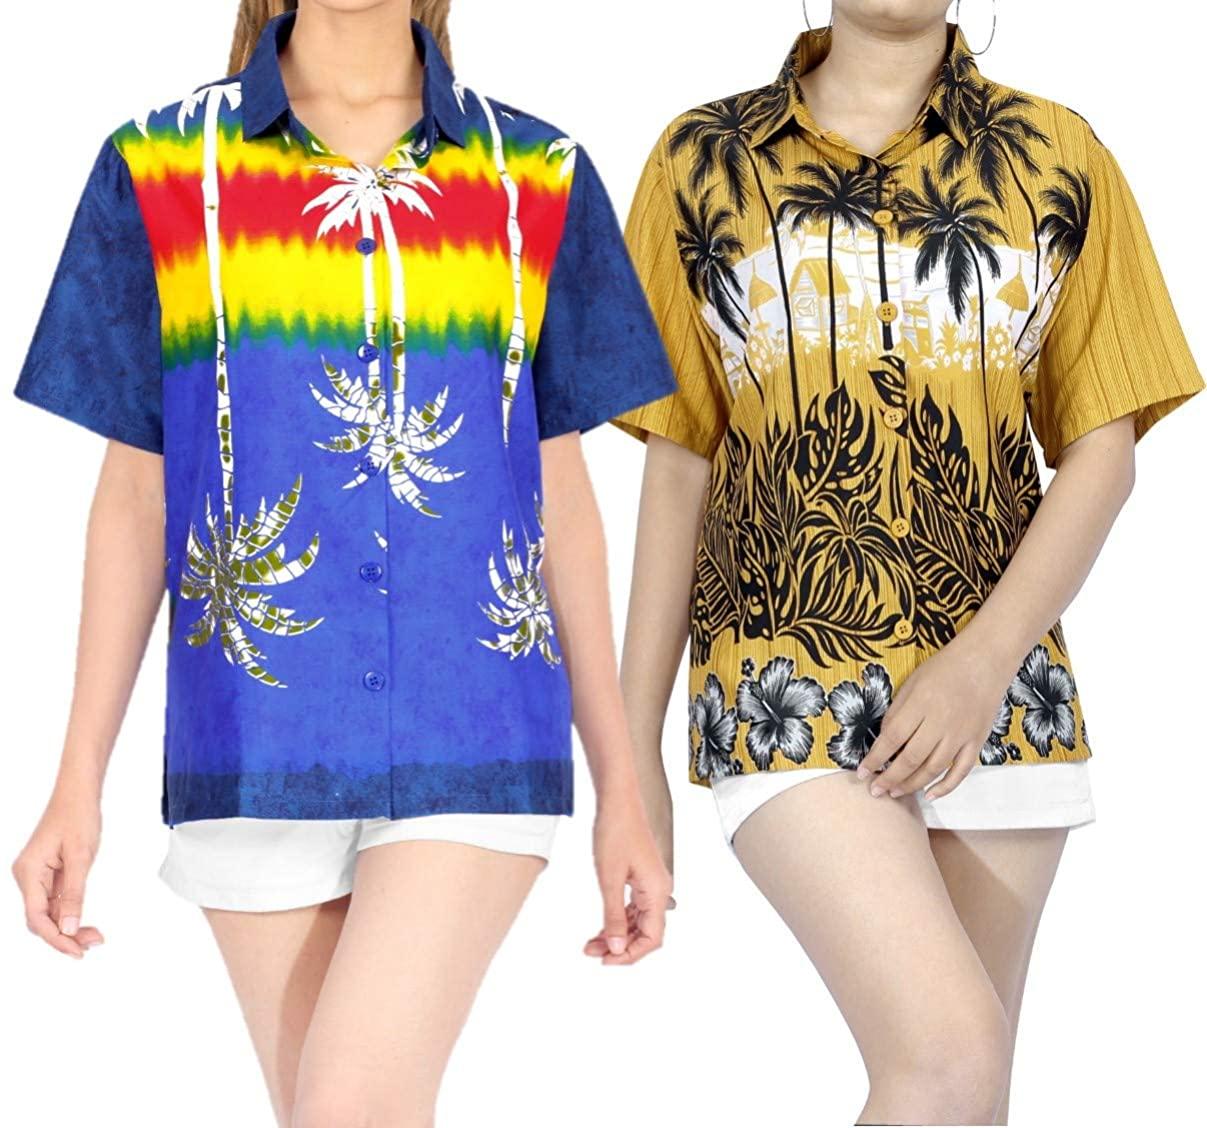 LA LEELA Women's Beach Hawaiian Shirt Blouse Tops Button Down Shirt Work from Home Clothes Women Beach Shirt Blouse Shirt Combo Pack of 2 Size XXL